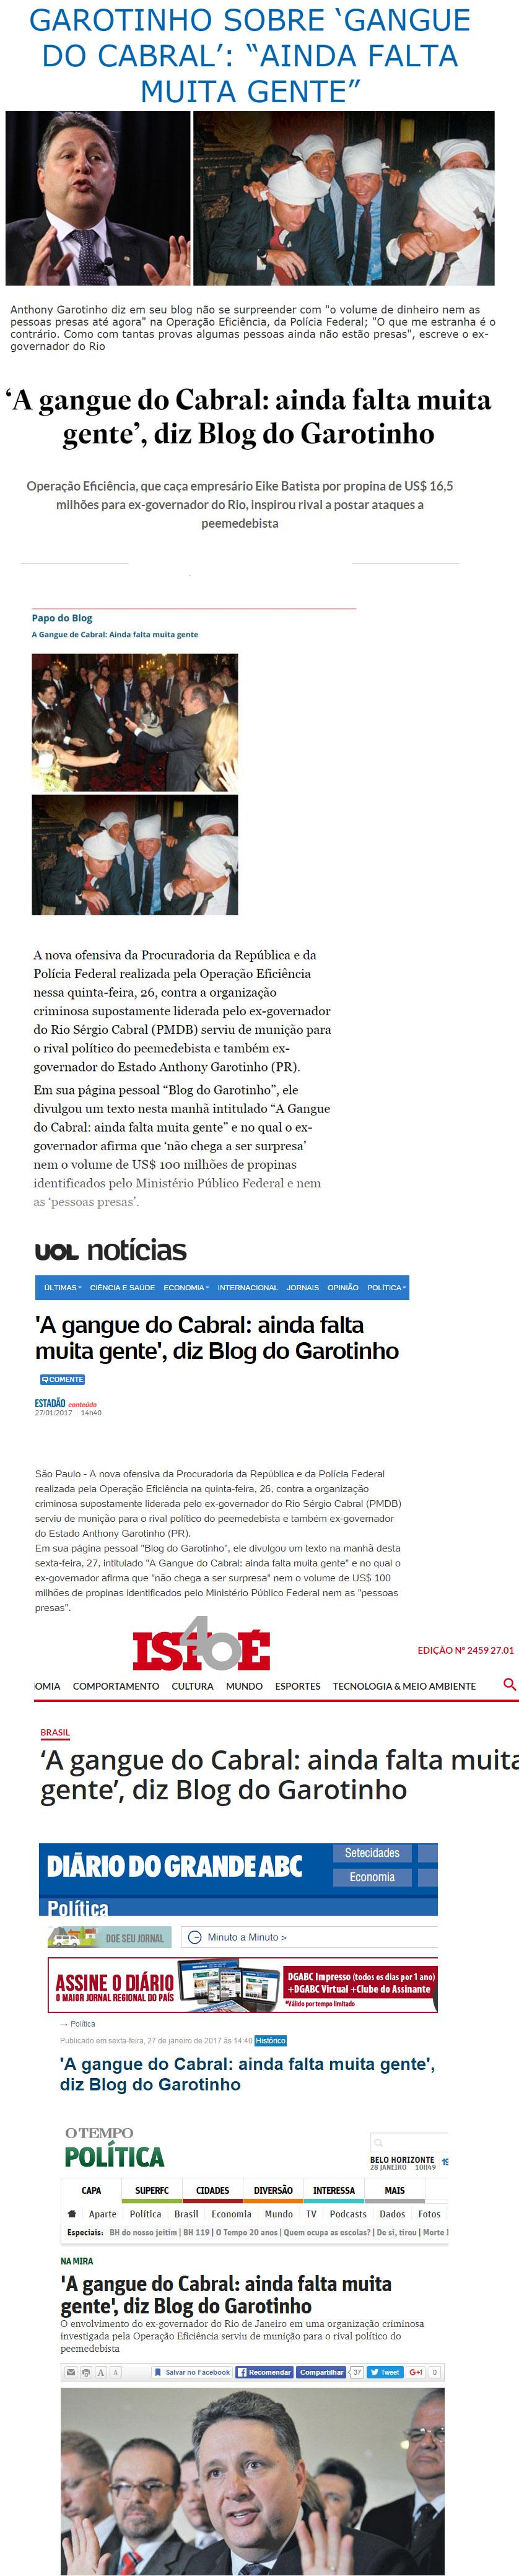 Reproduções do Brasil 247, Estadão, UOL, IstoÉ, Diário do Grande ABC, O Tempo